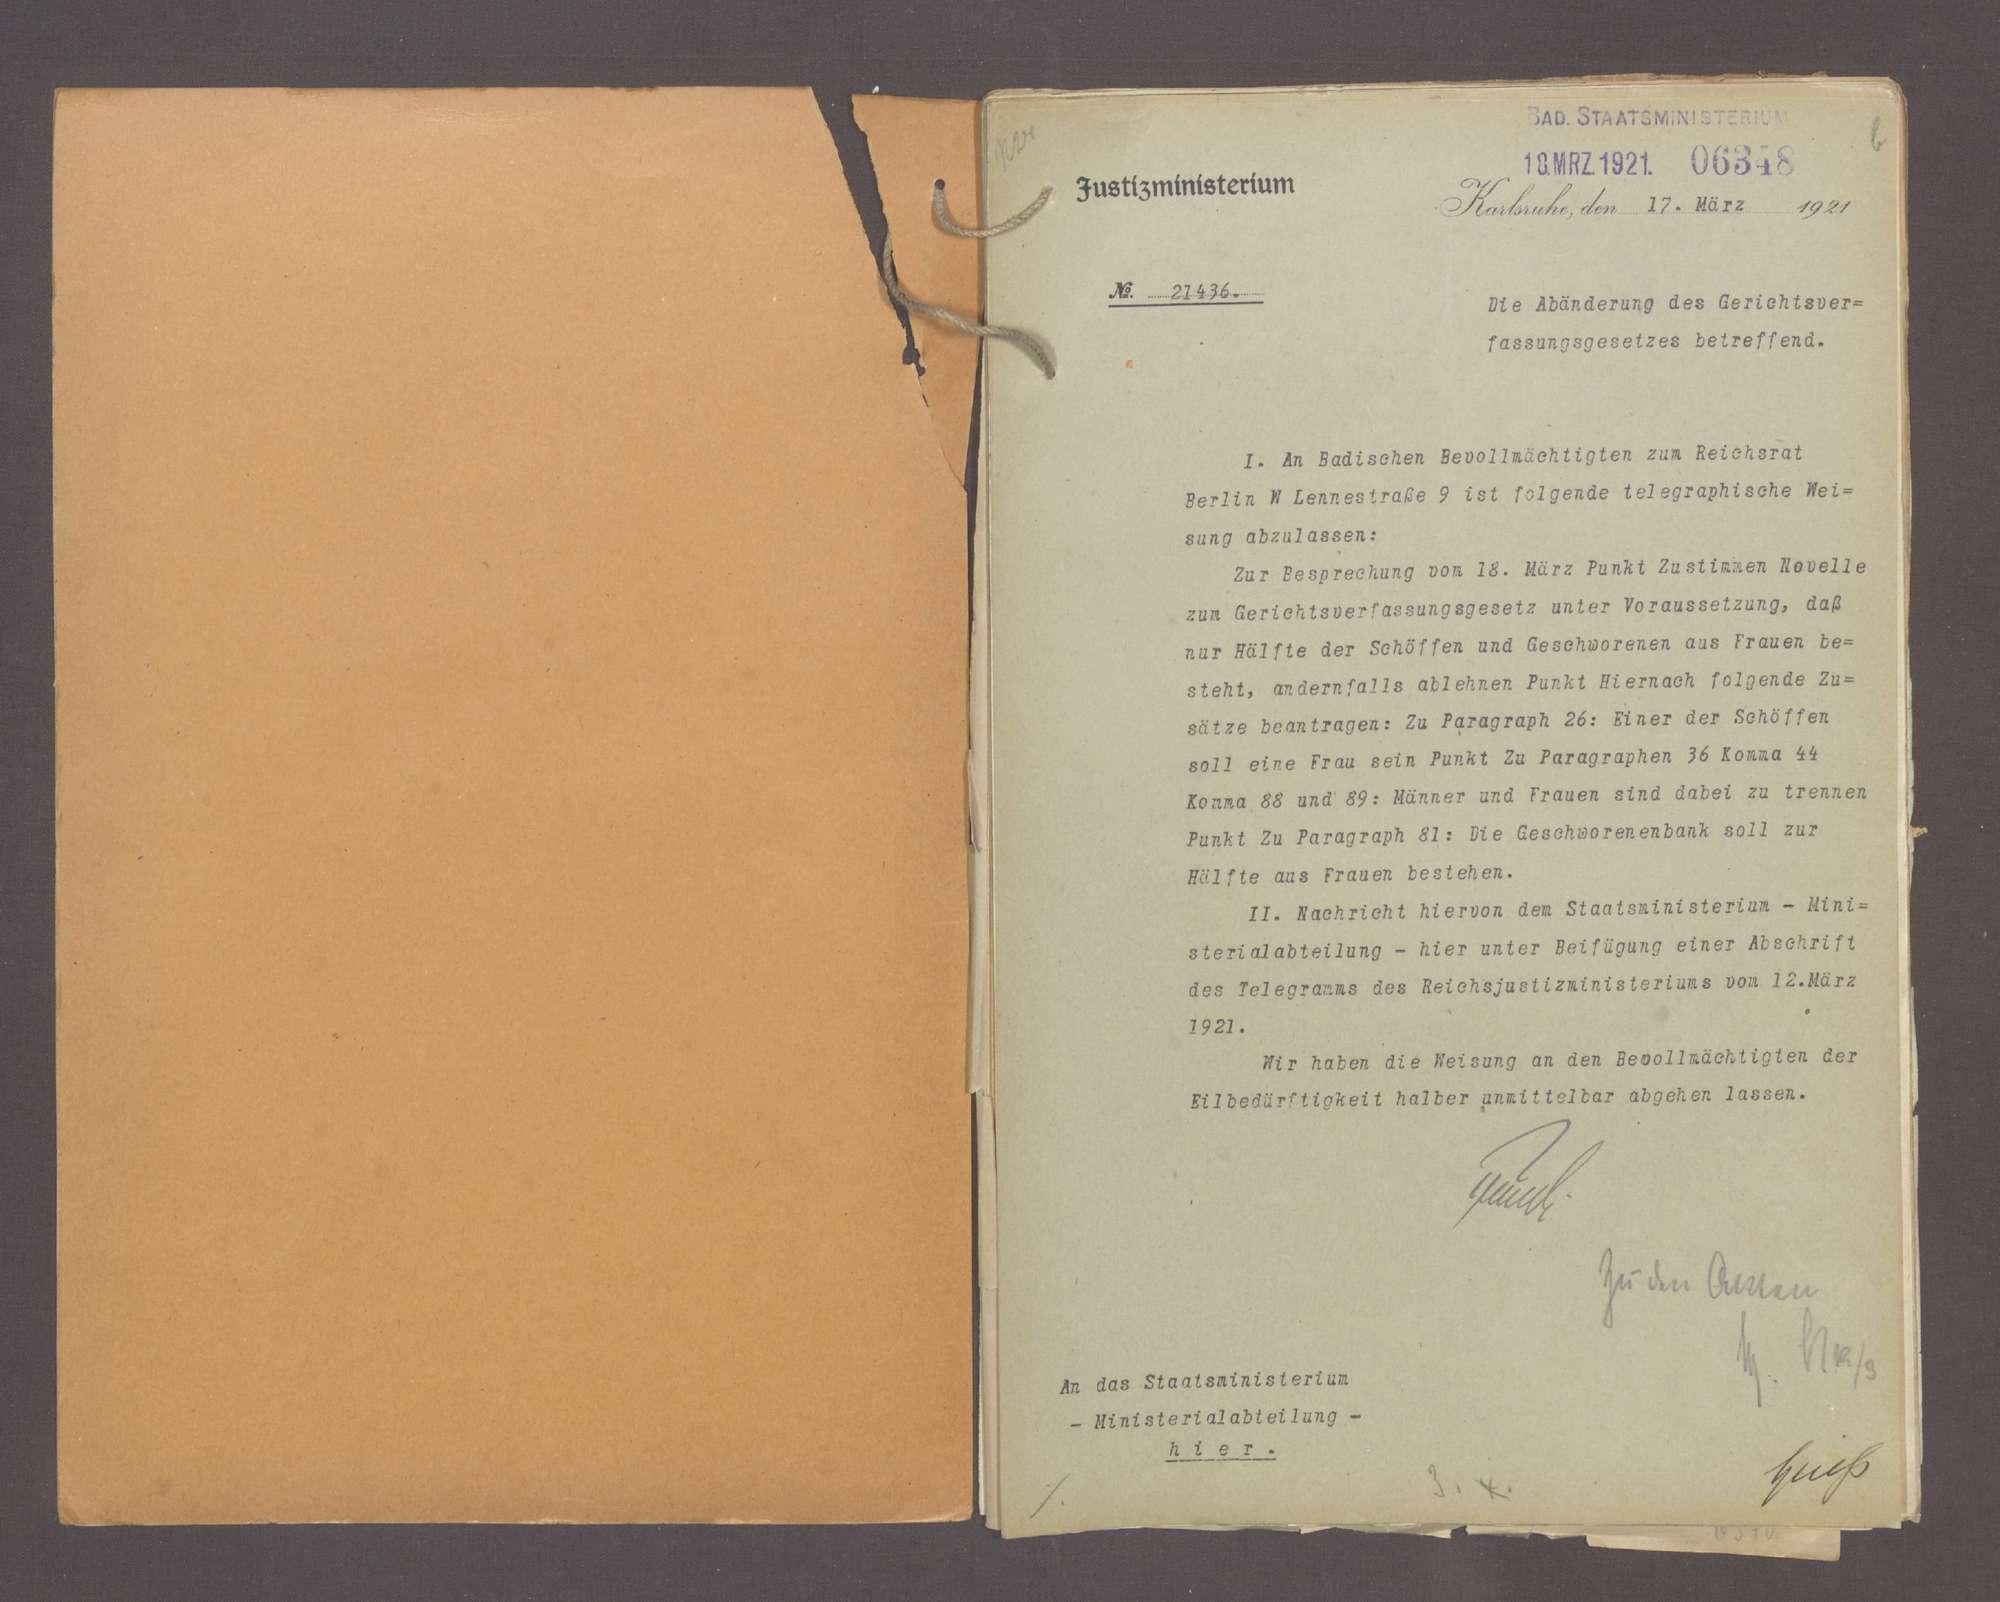 Die Gerichtsverfassung, hier: Zulassung der Frauen zum Richteramt, Bild 2